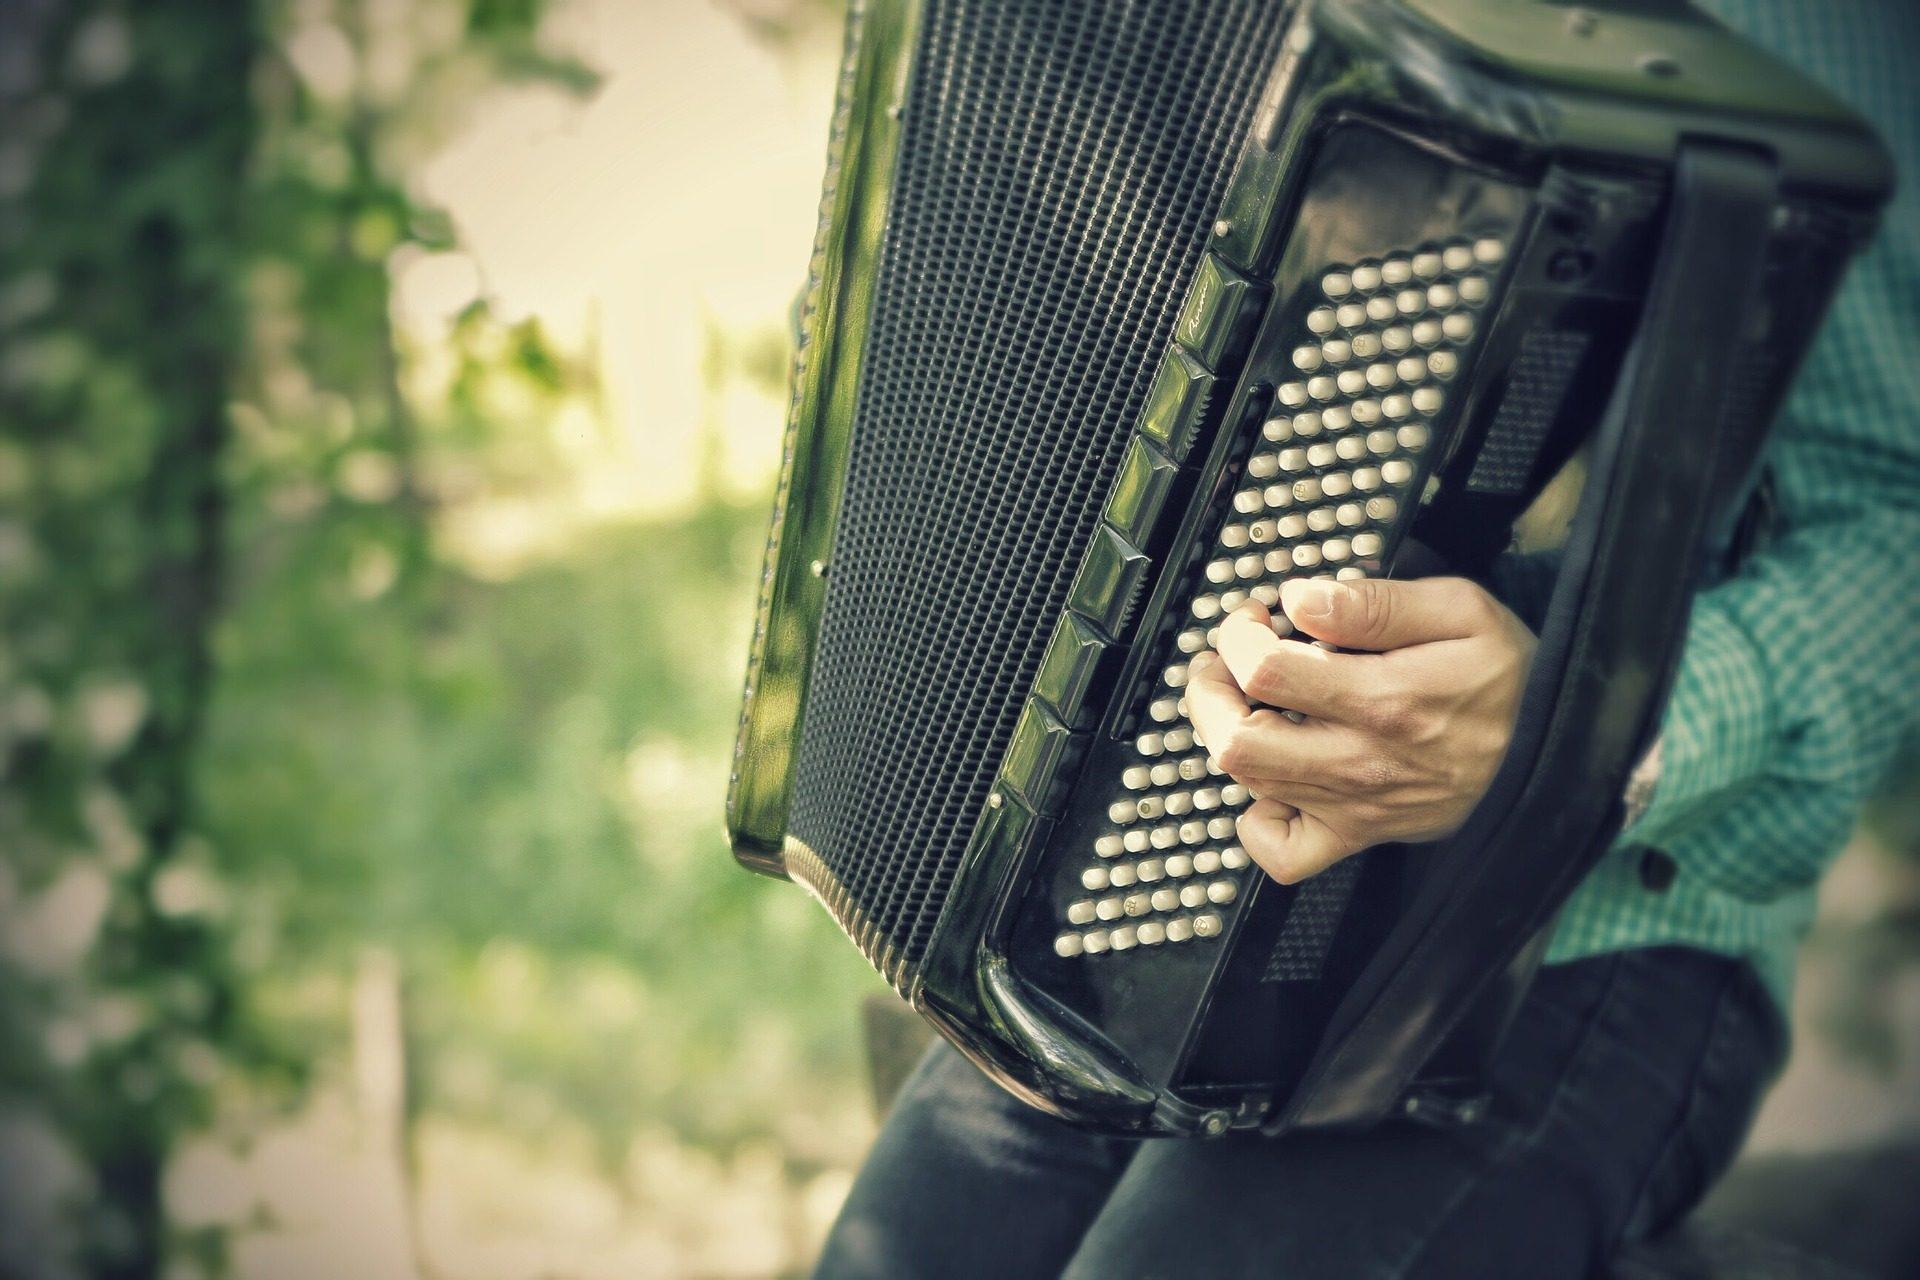 acordeón, músico, callejero, instrumento, dificultad - Fondos de Pantalla HD - professor-falken.com